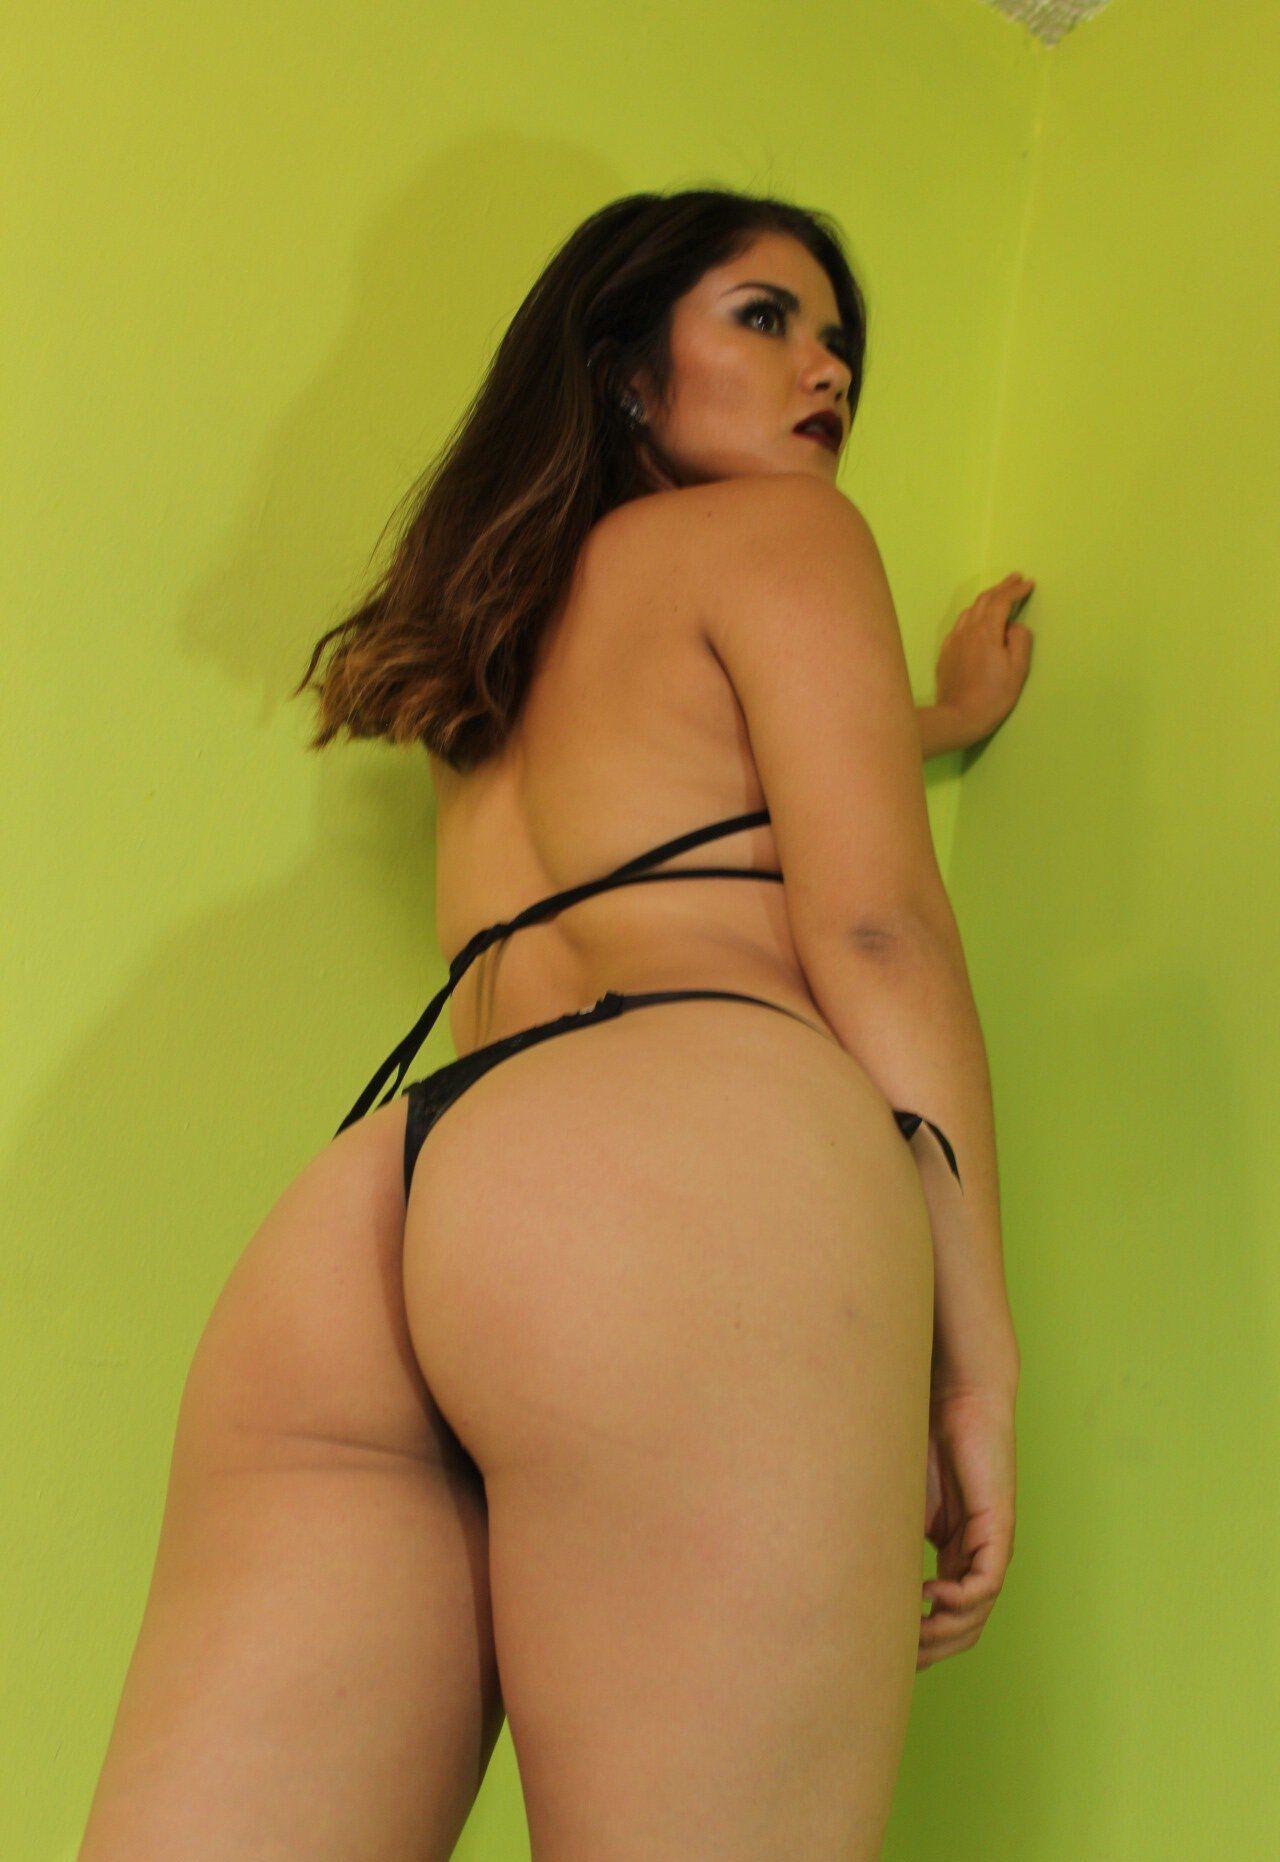 Mei Cornejo Onlyfans Leaked Nudes 0009